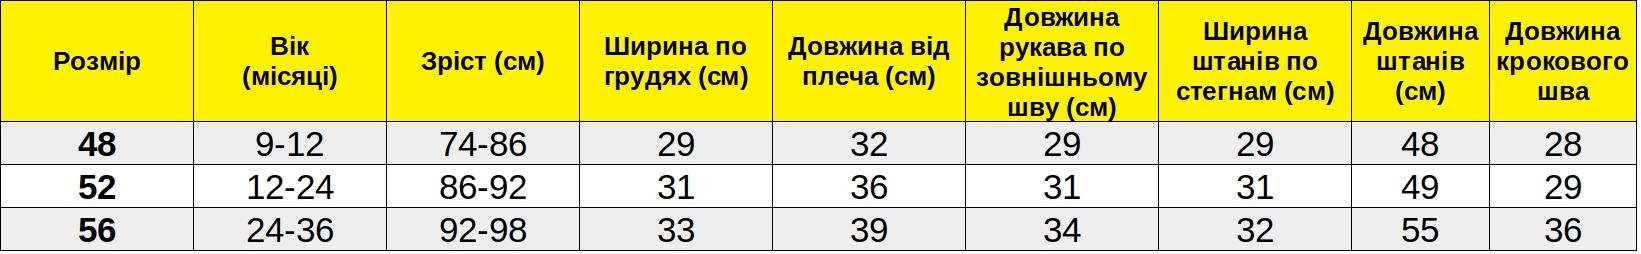 Таблиця розмірів_Я030010 width=